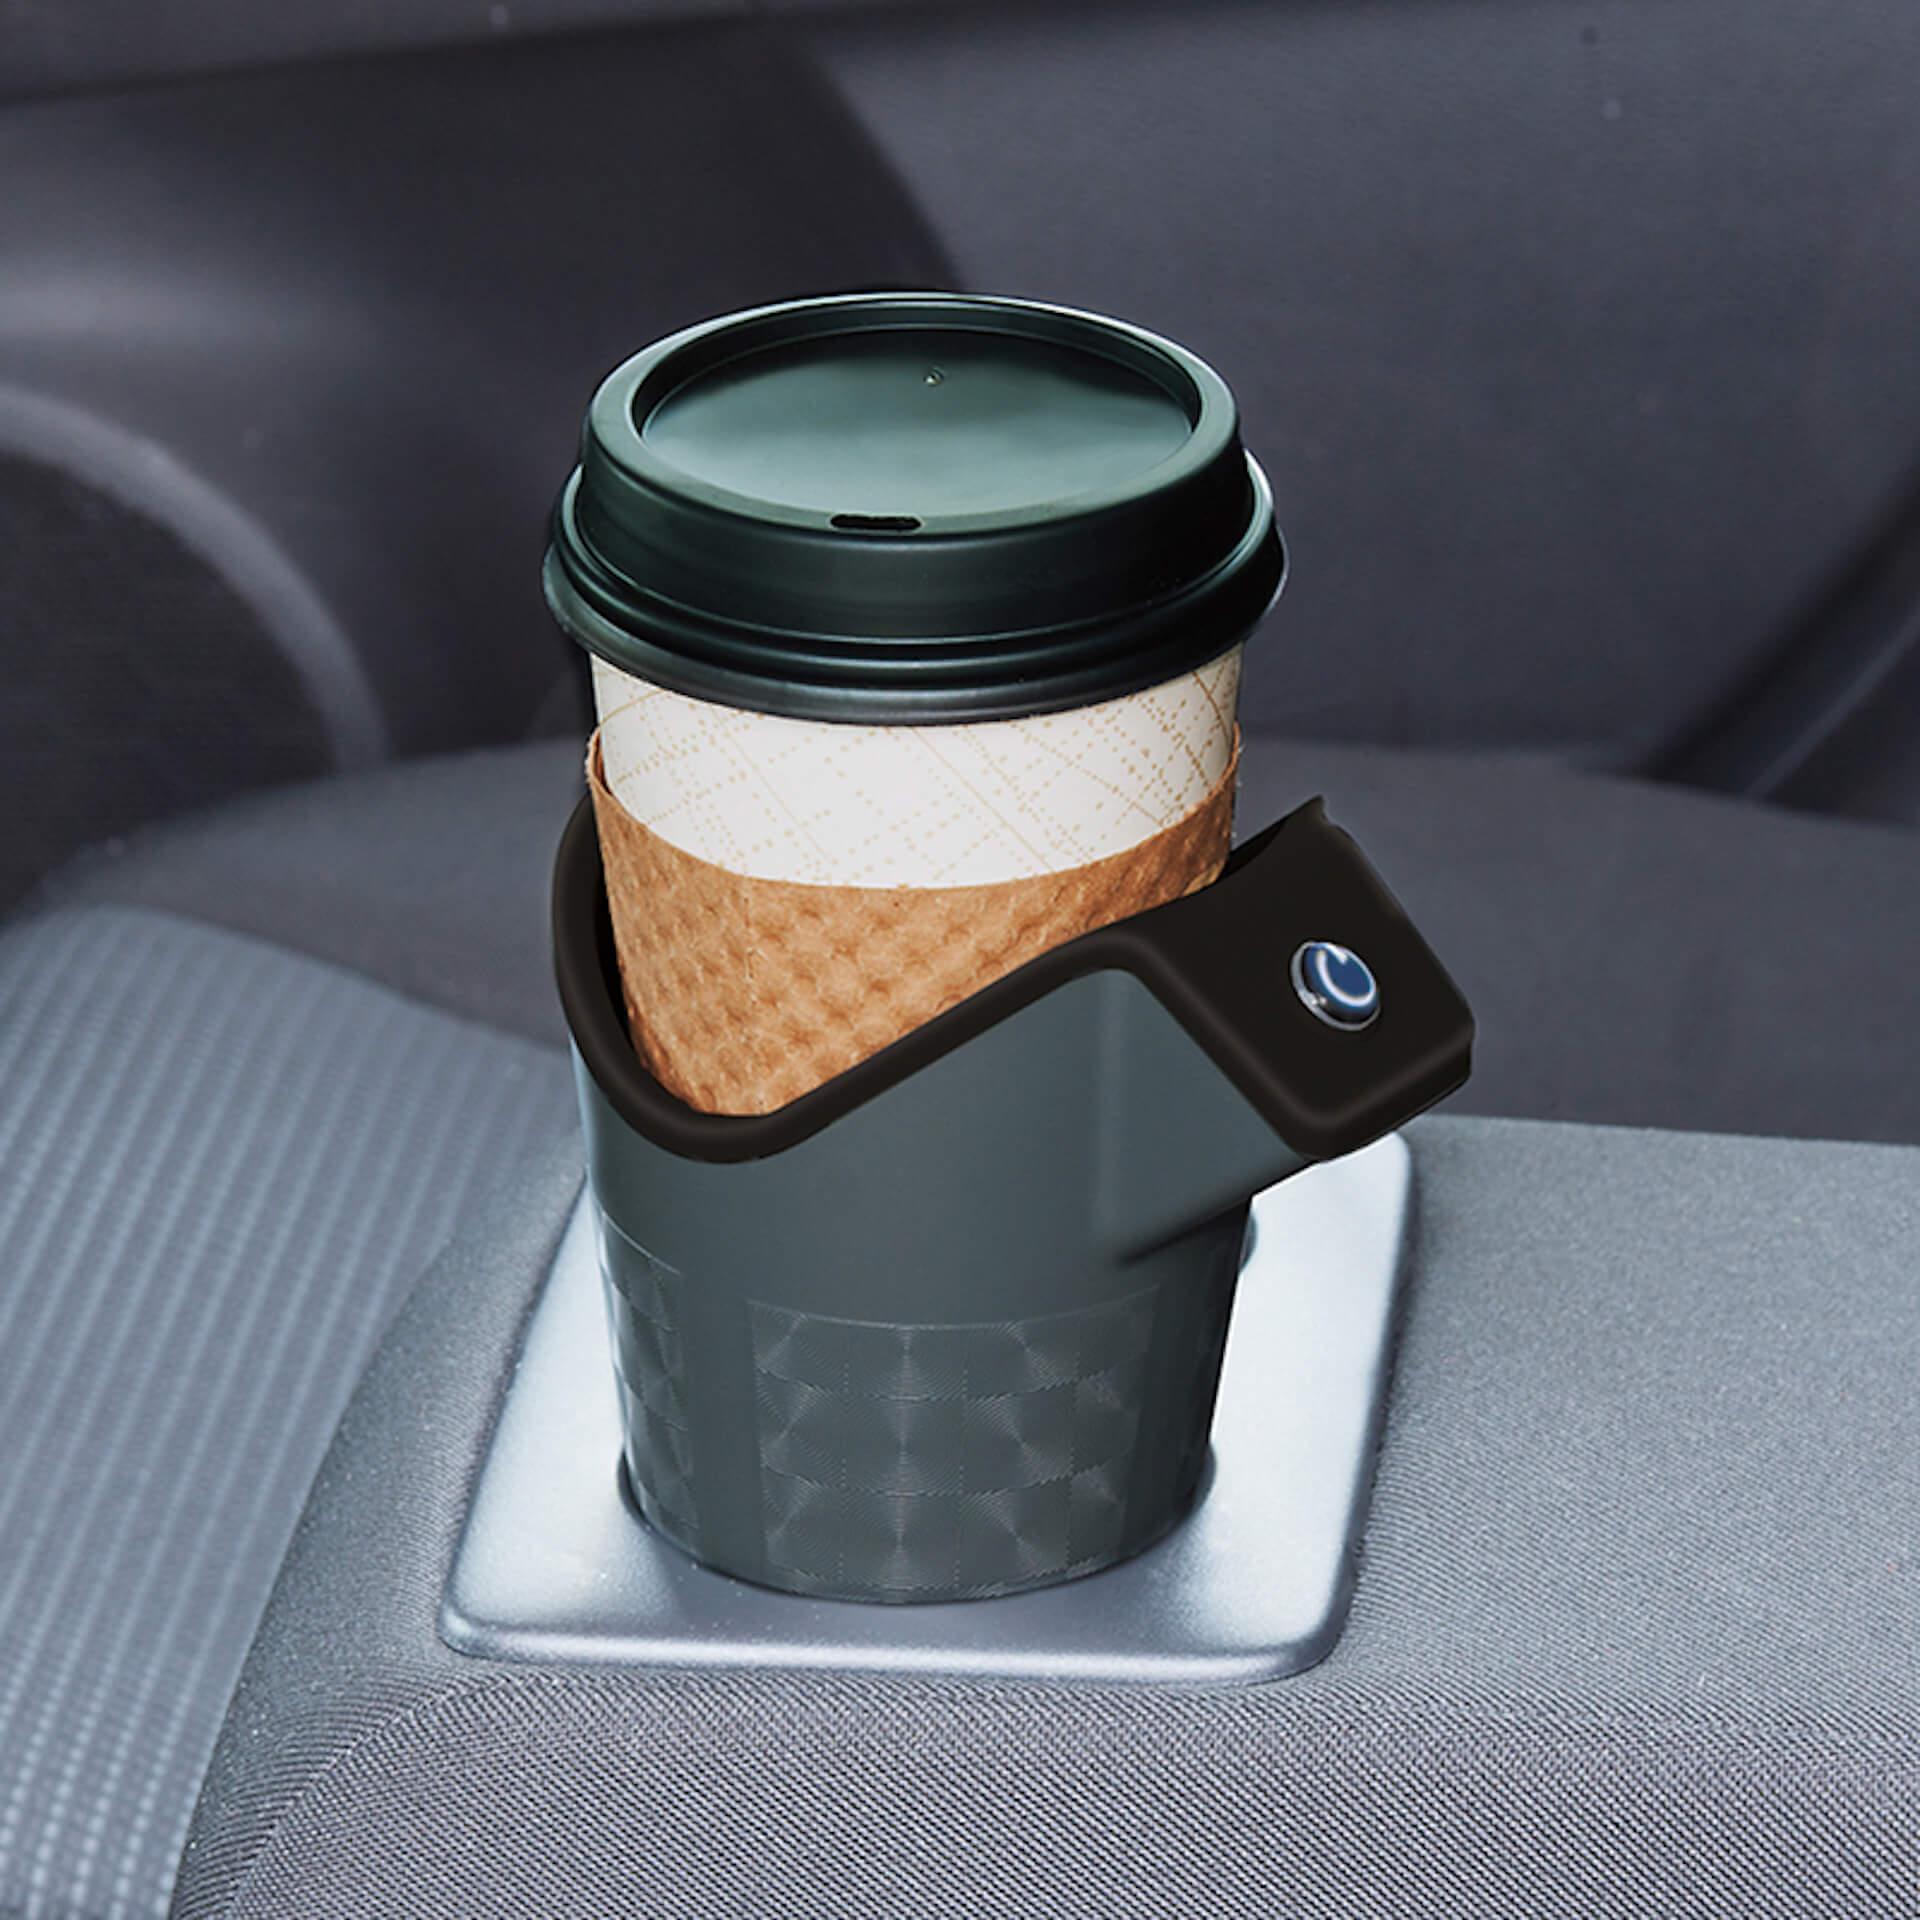 車内インテリアにおすすめ!最先端&便利ガジェットから、おしゃれカー用品まで厳選紹介 6-2